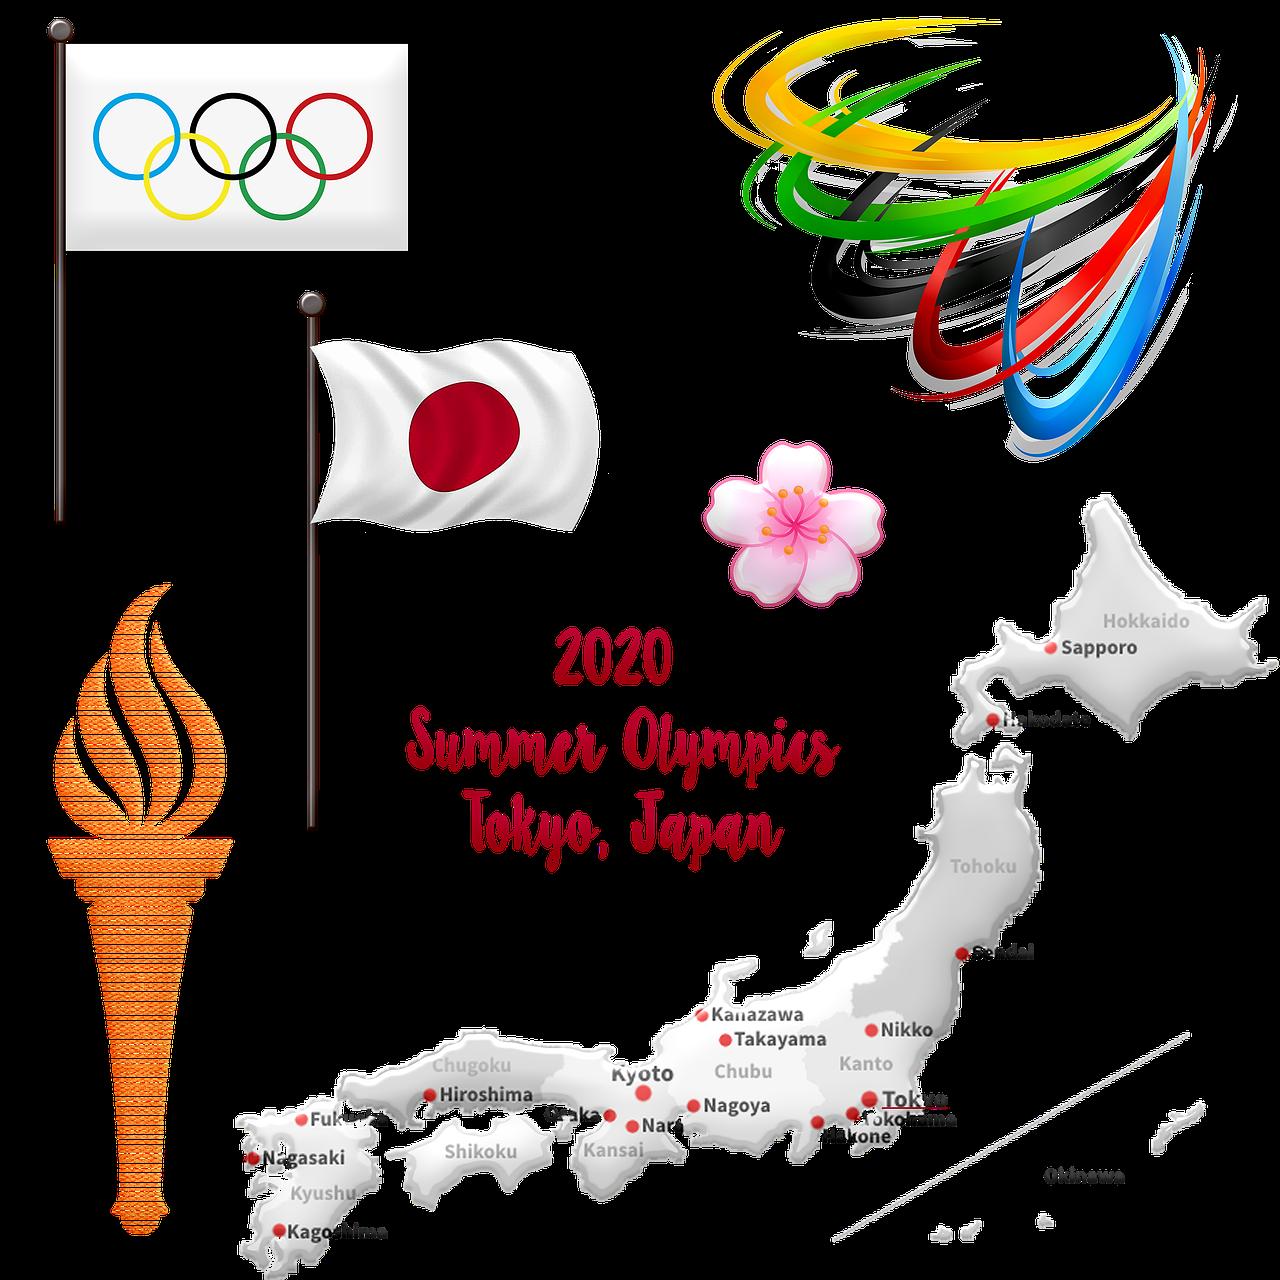 東京オリンピック中止の可能性は?予言者がいた?新型コロナウイルス肺炎(新型肺炎)流行で